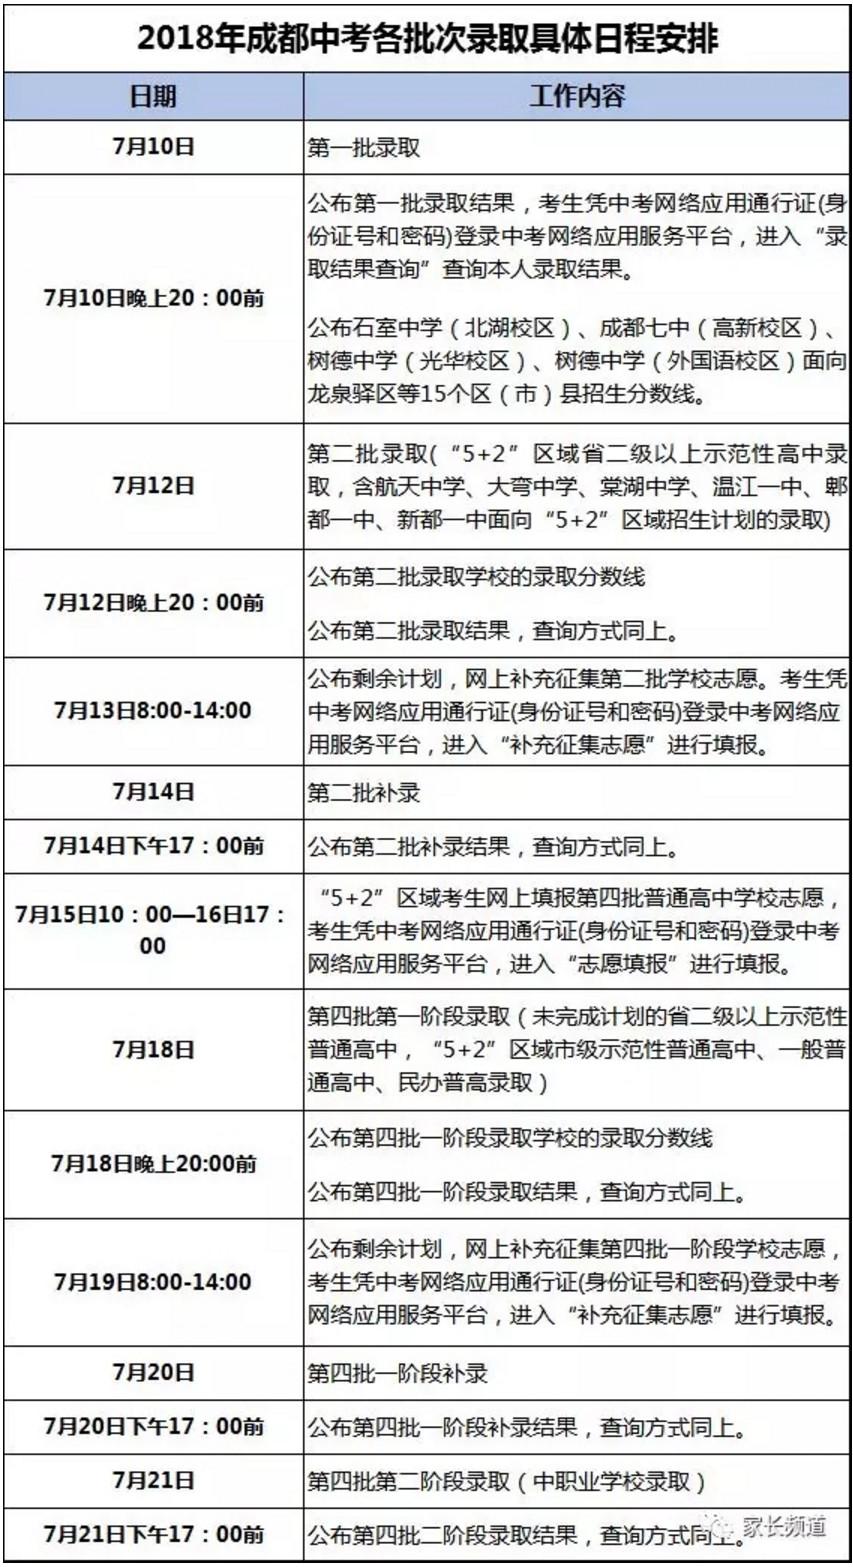 2018成都中考各批次录取日程安排